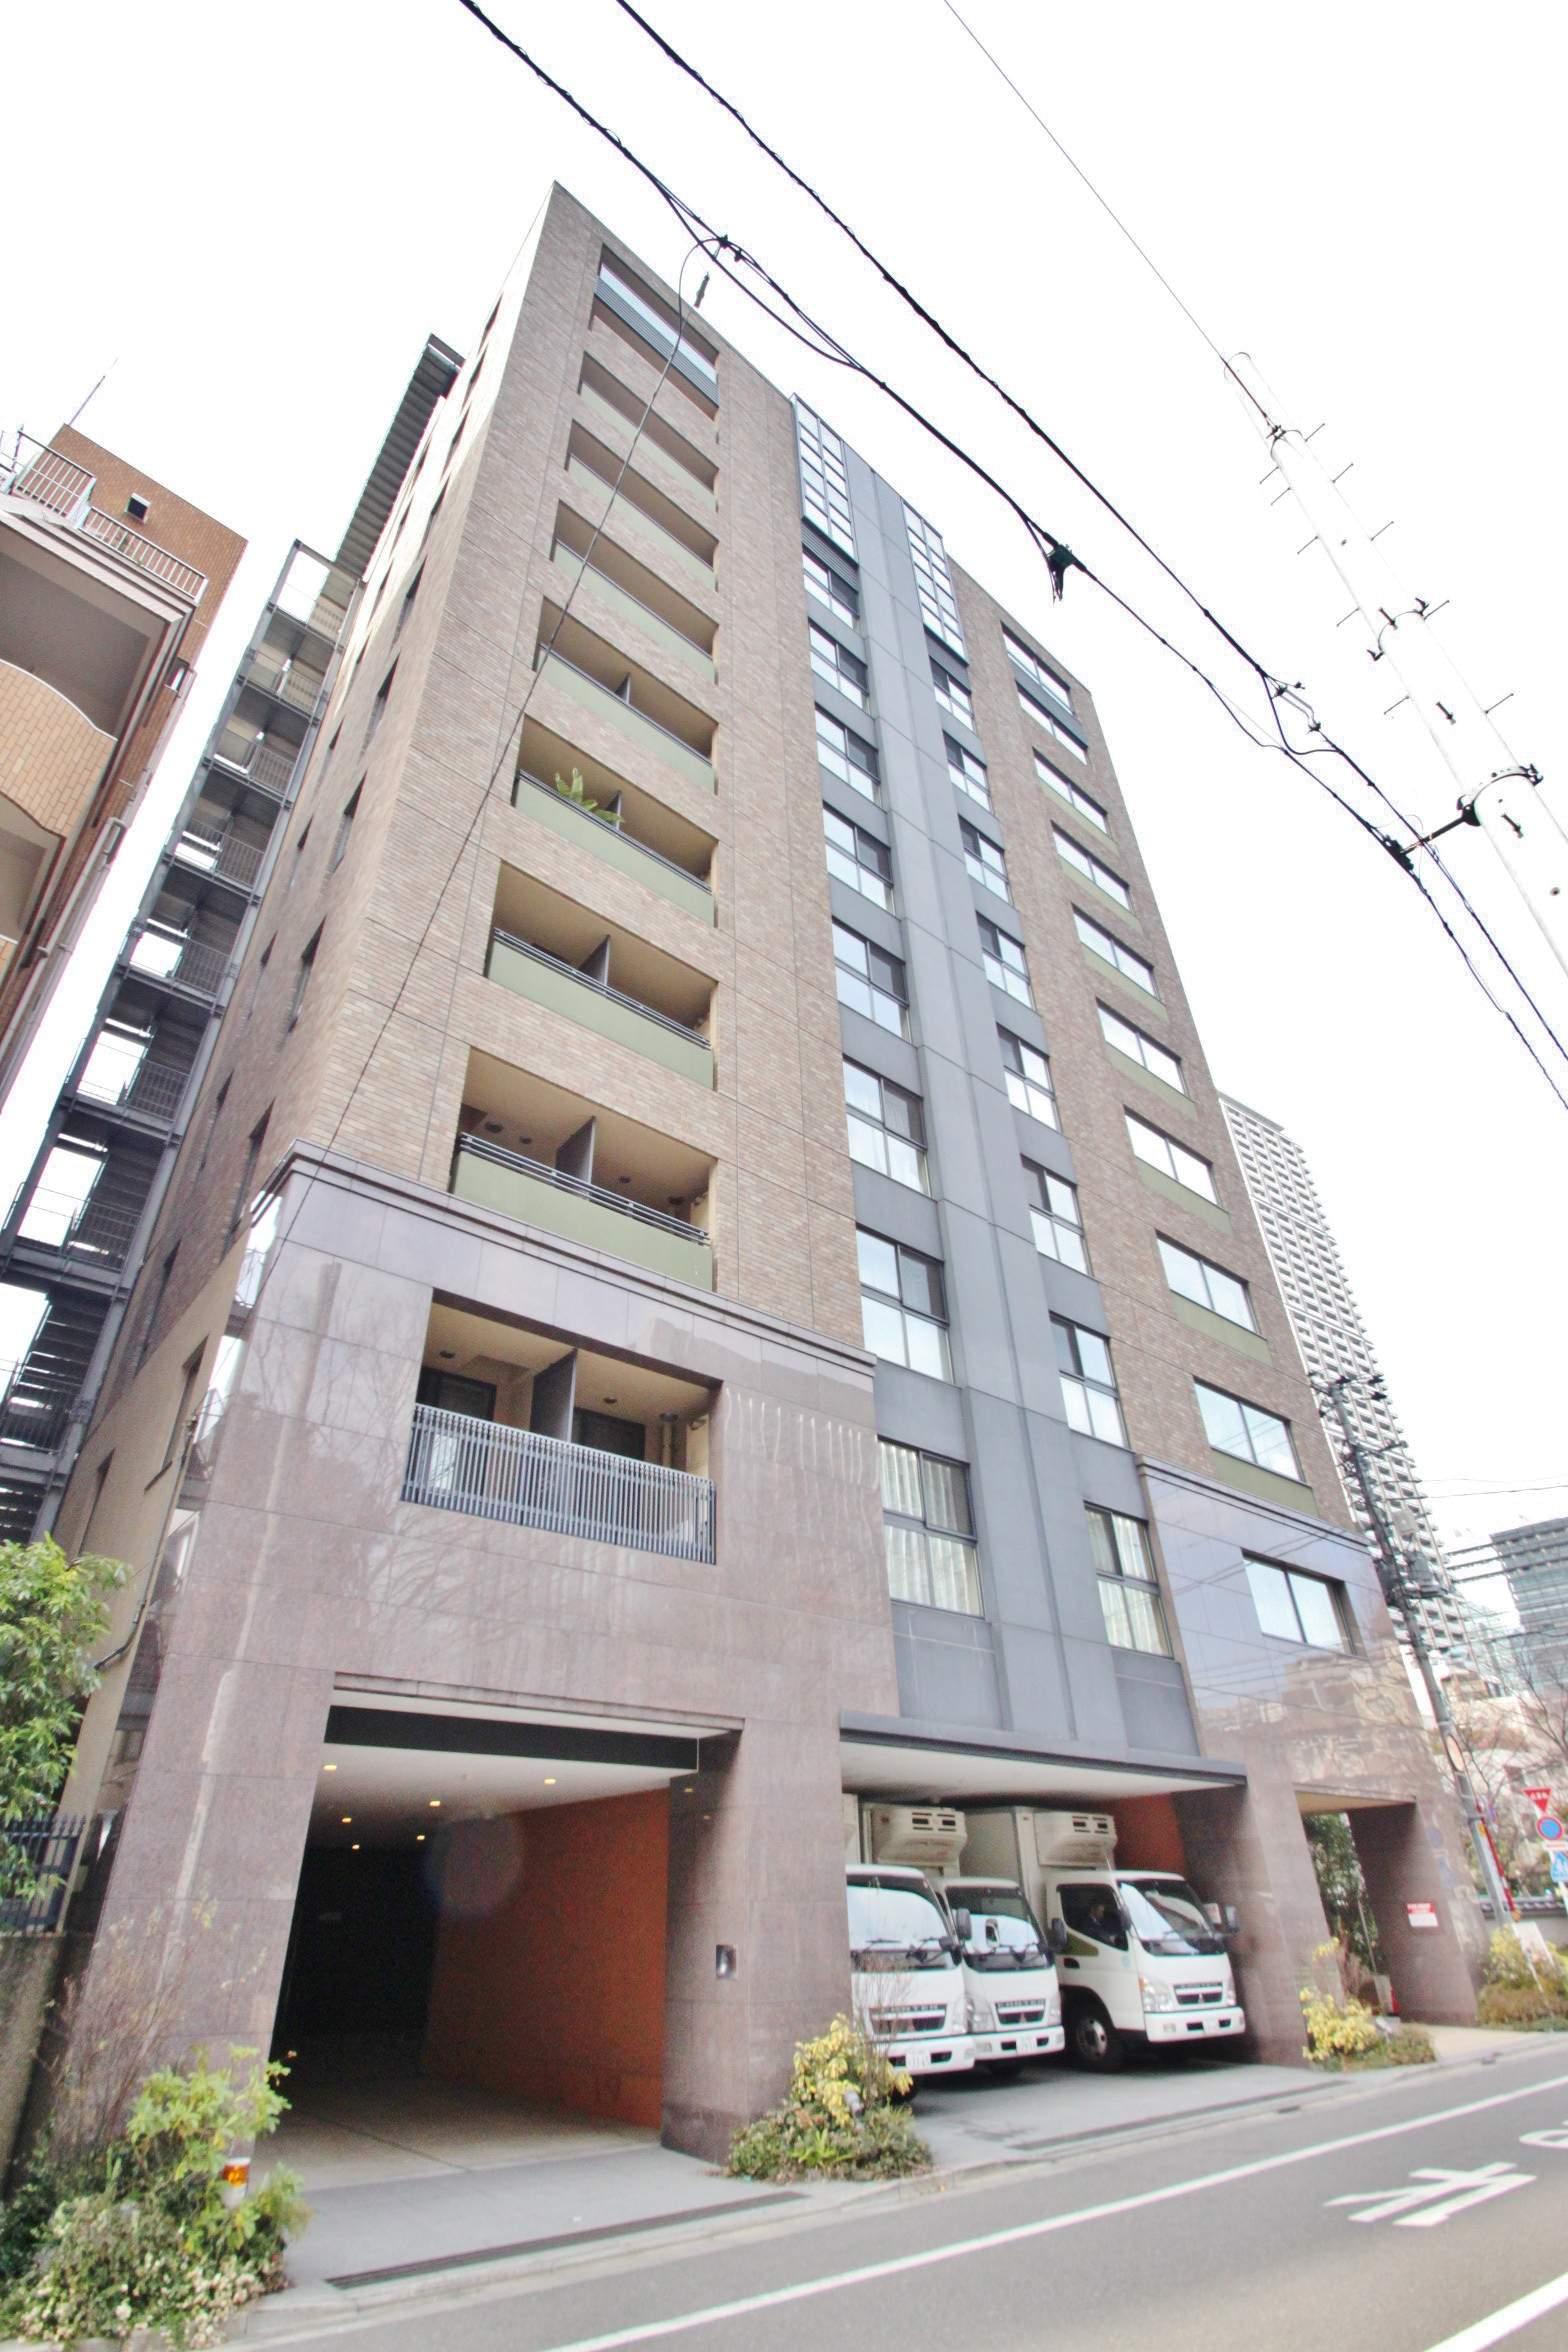 東京都中央区、水天宮前駅徒歩2分の築9年 11階建の賃貸マンション